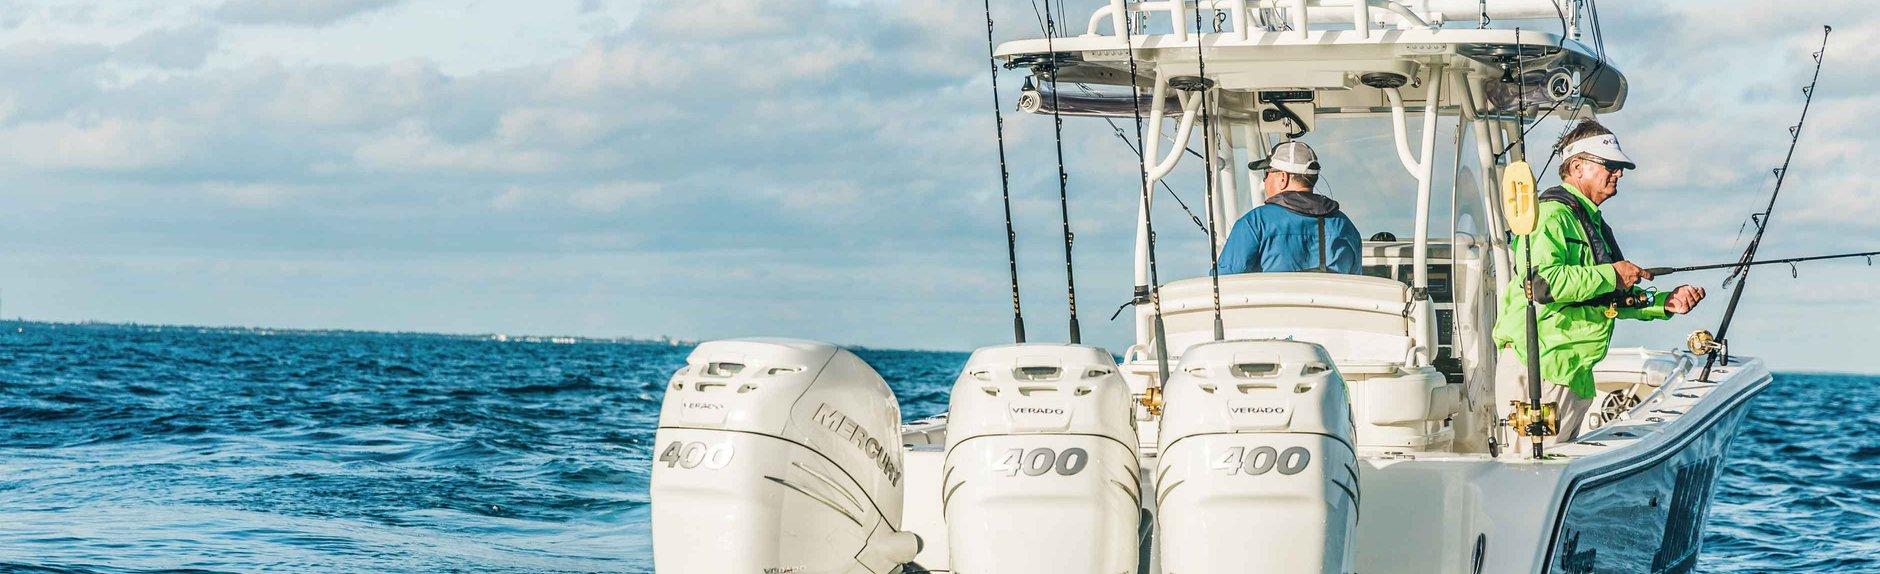 Verado® 250-400hp | Mercury Marine